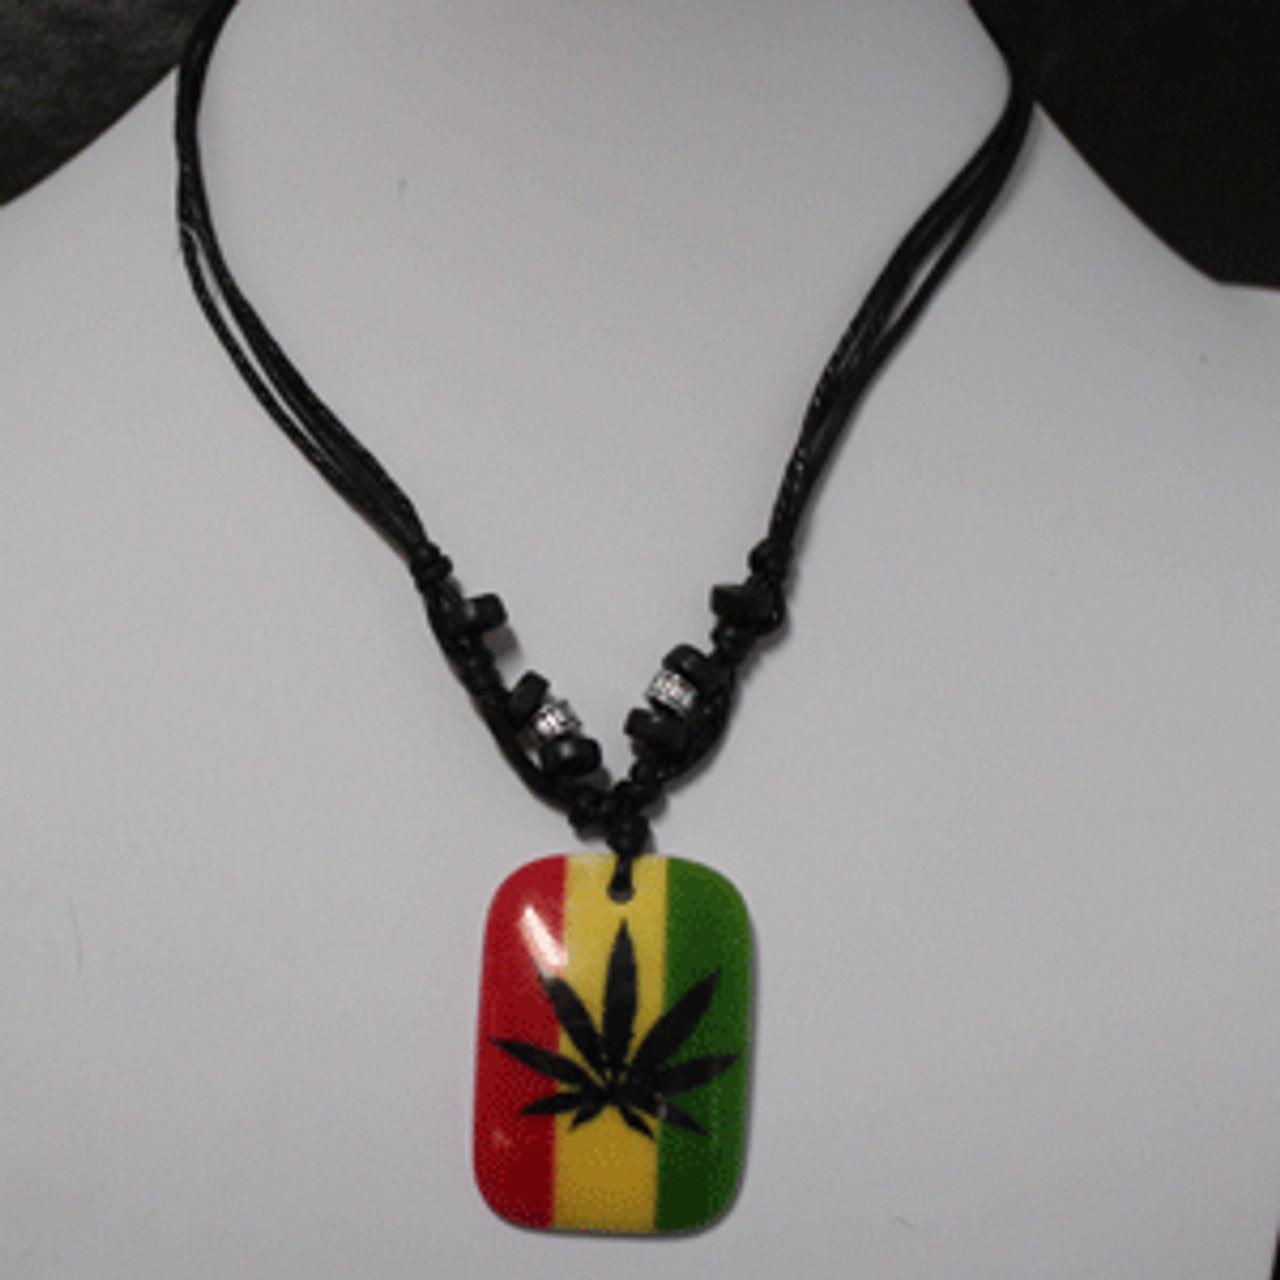 Pot leaf necklaces